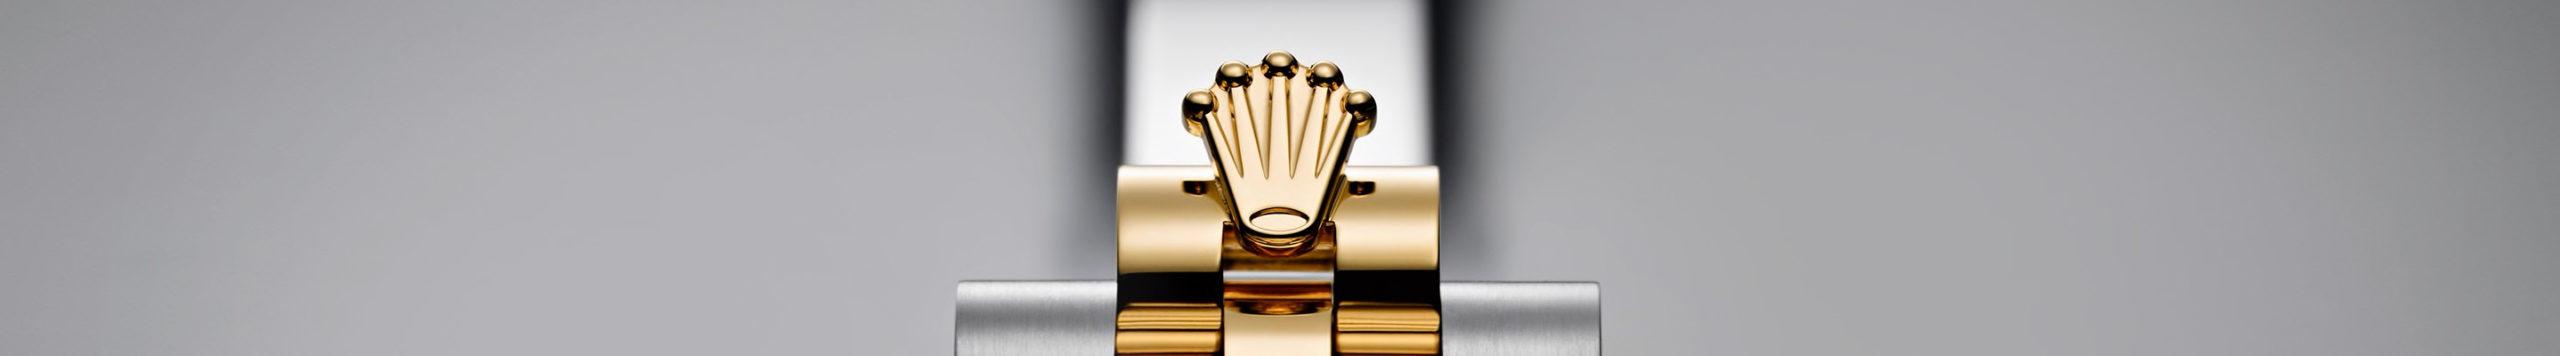 Rolex Rabino Cuneo